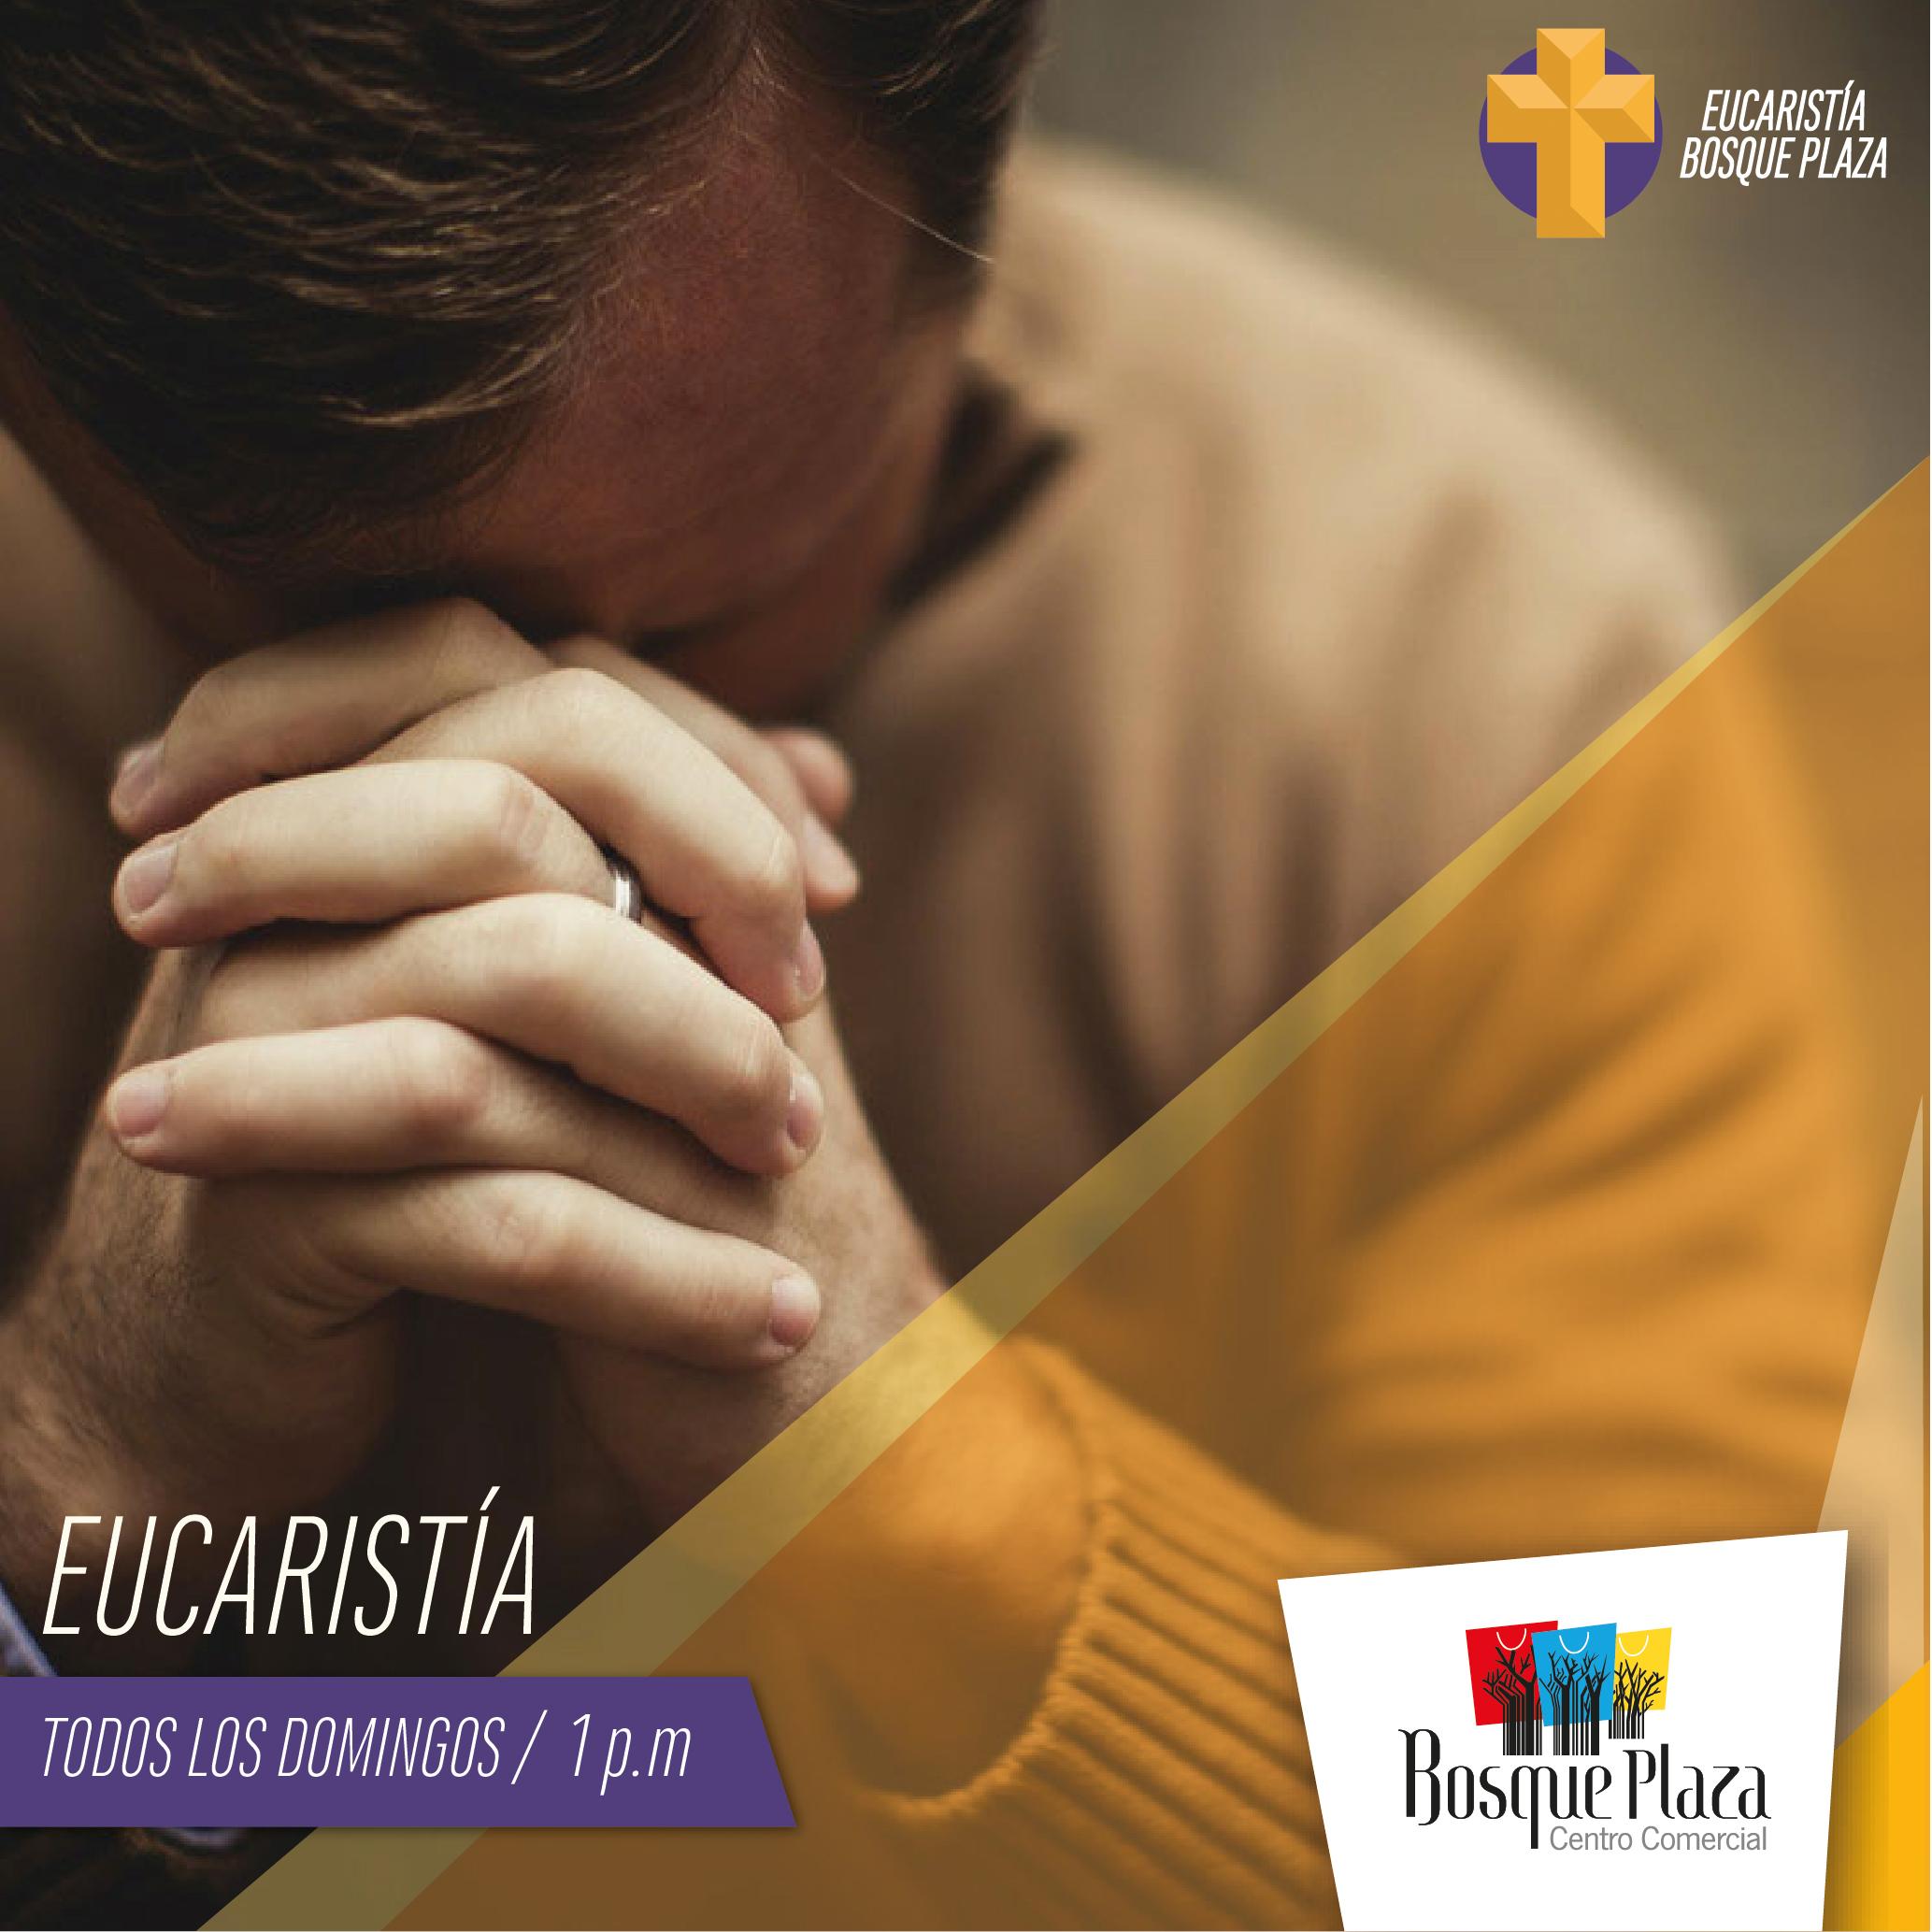 eucaristia-01